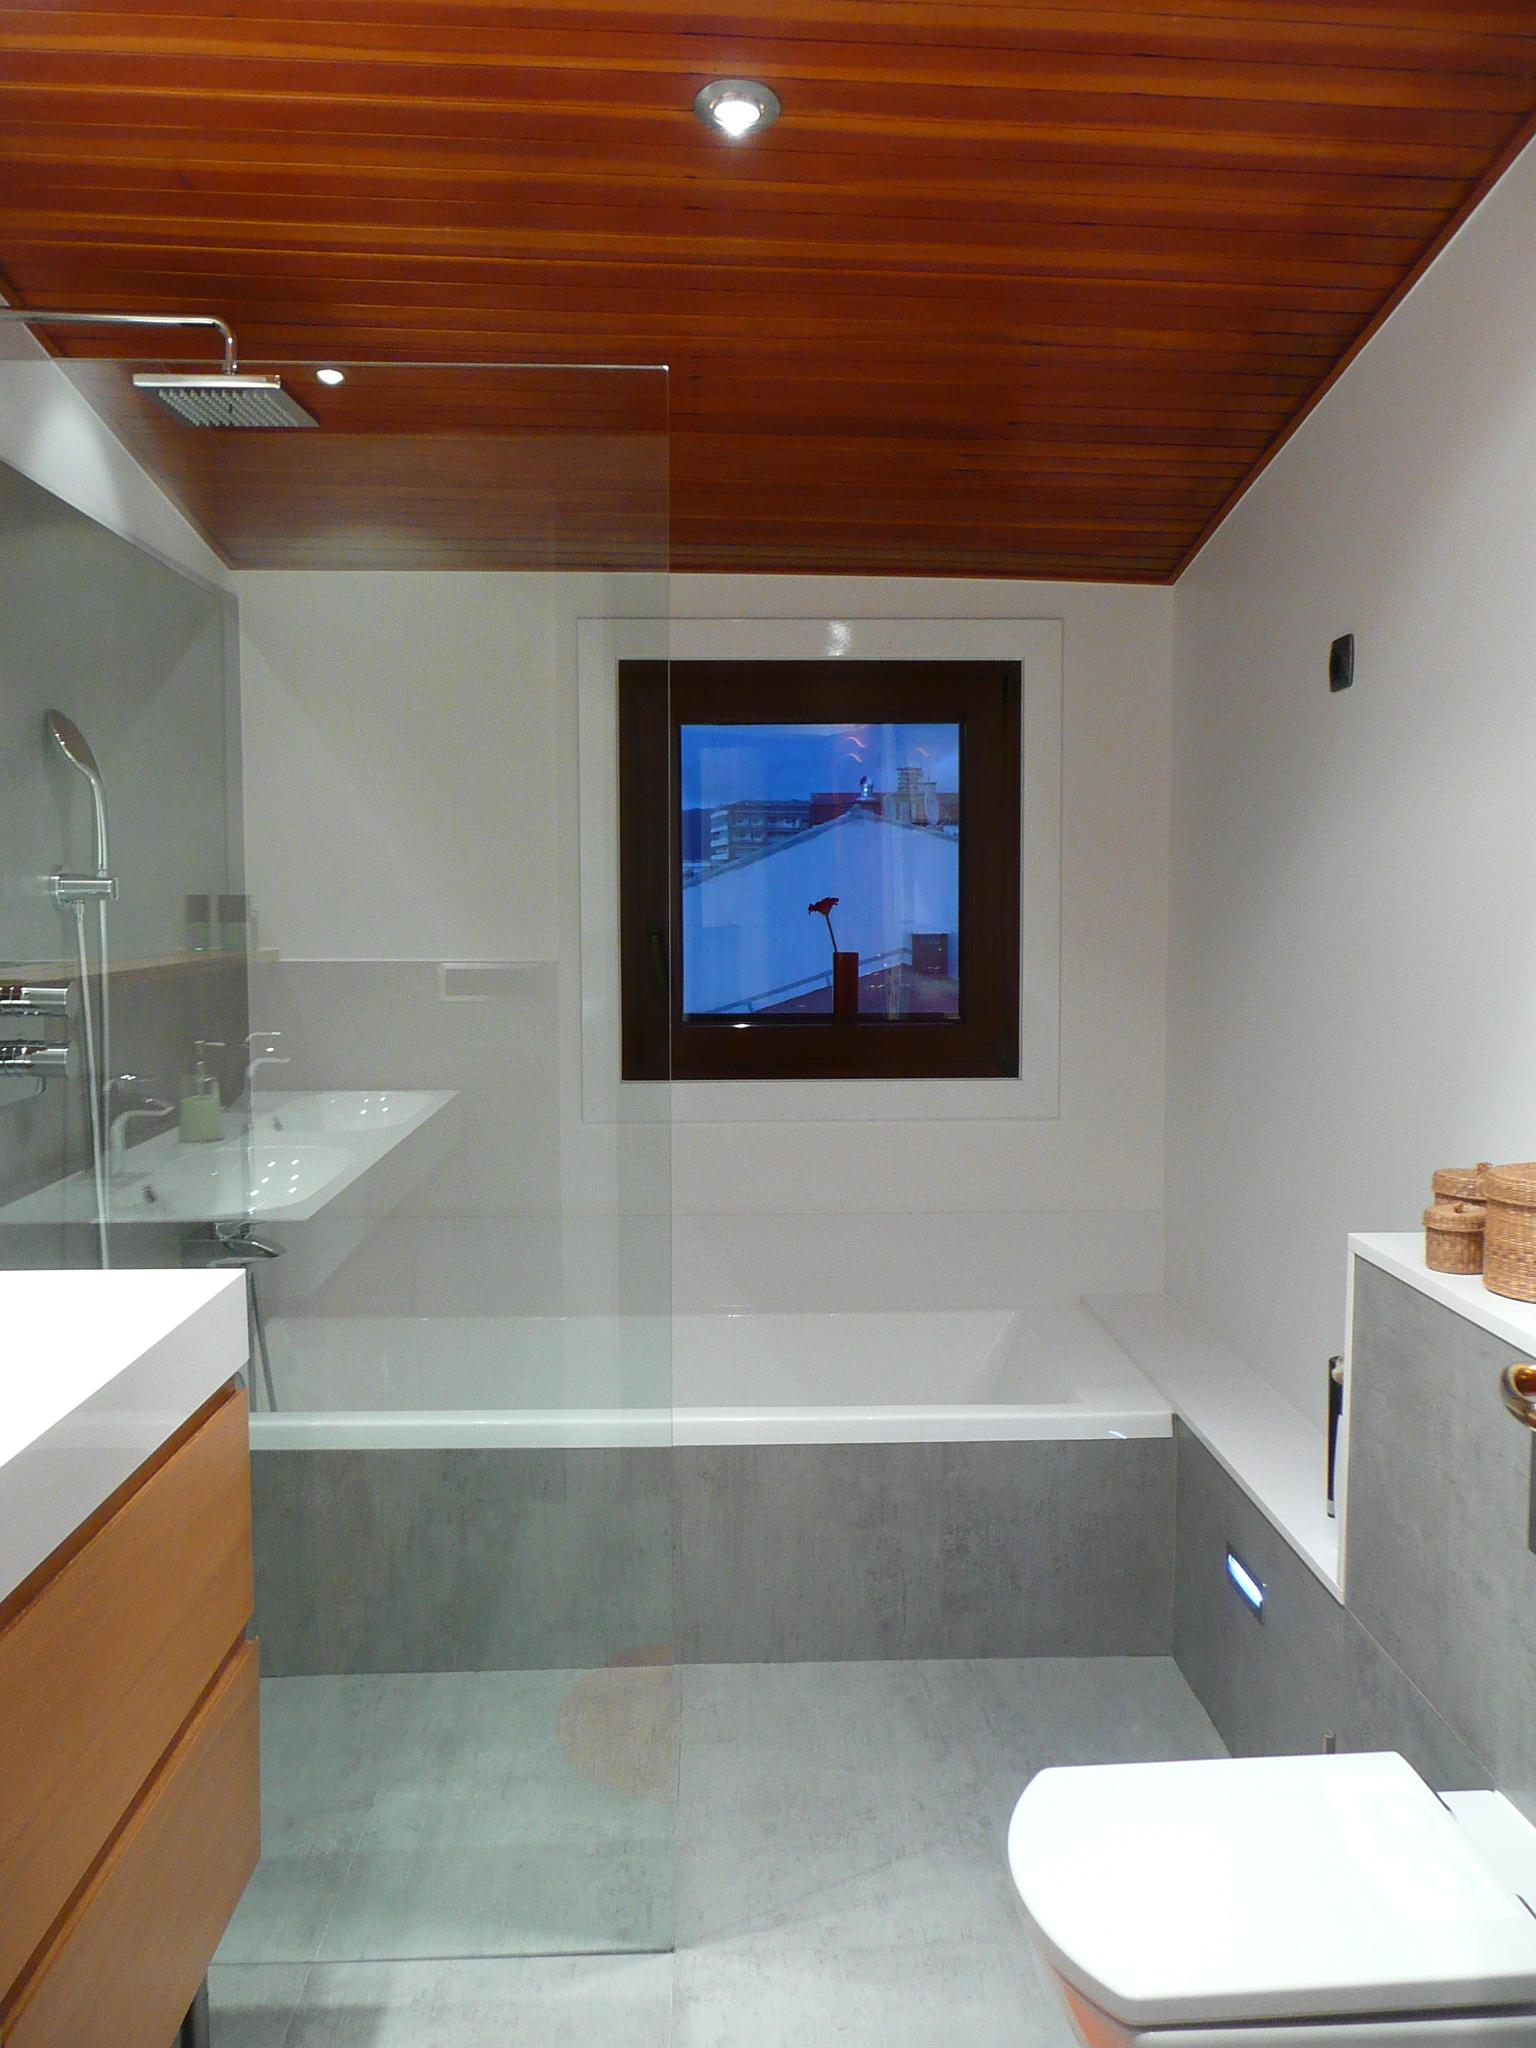 Imagenes Baños De Obra:Reforma de un baño, o cómo hacer una ducha de obra